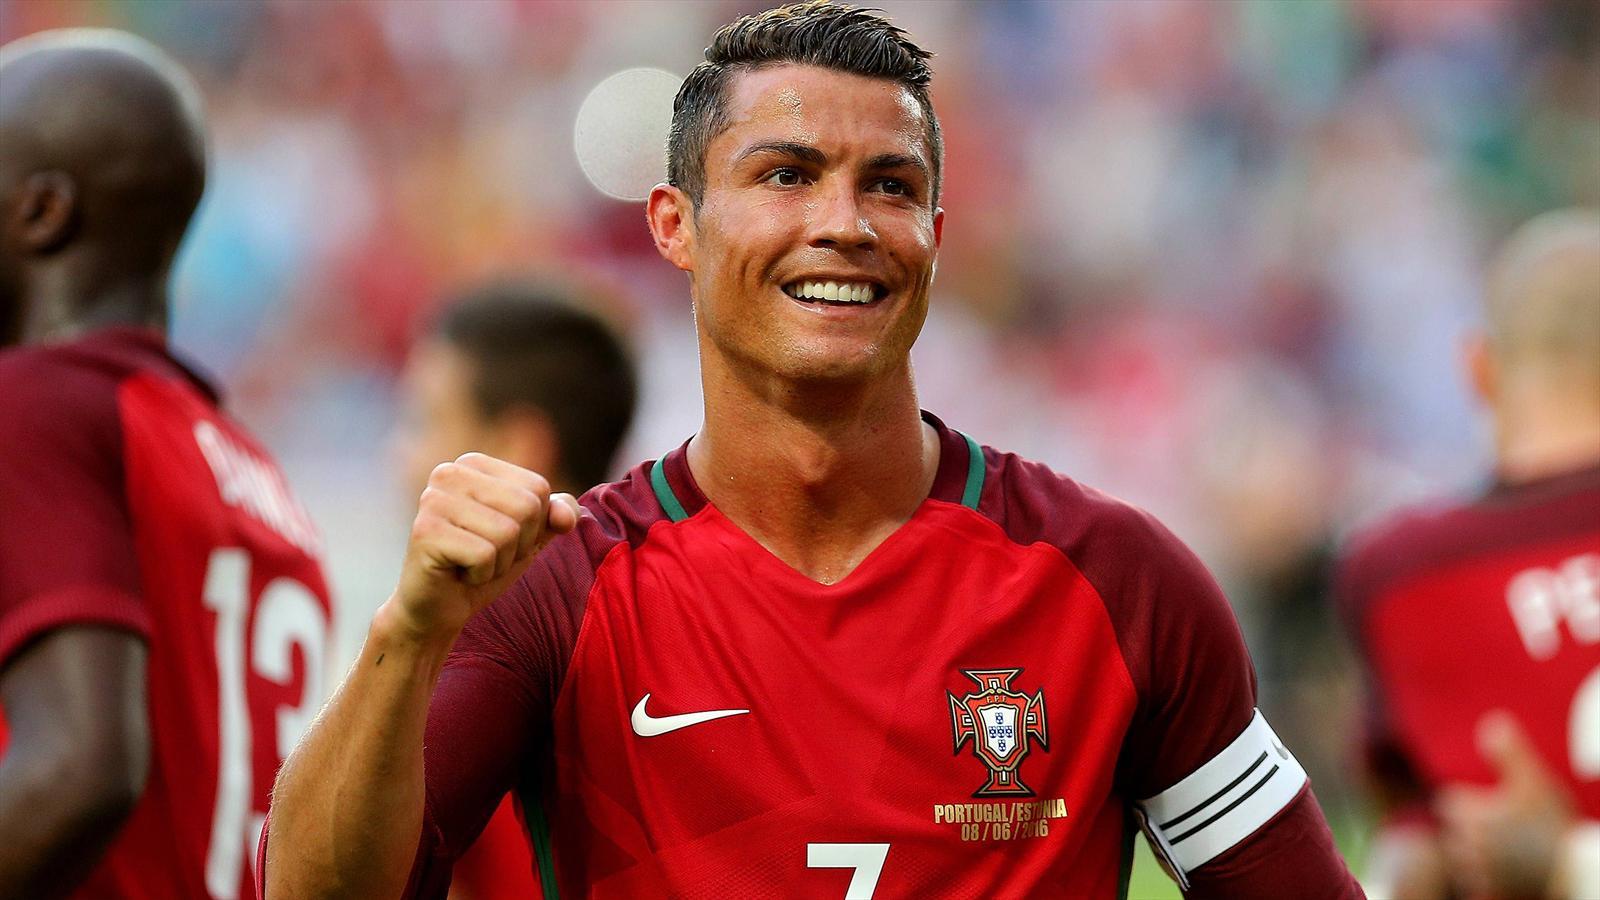 Em 2016 Cristiano Ronaldo Startet Mit Portugal Die Jagd Auf Den